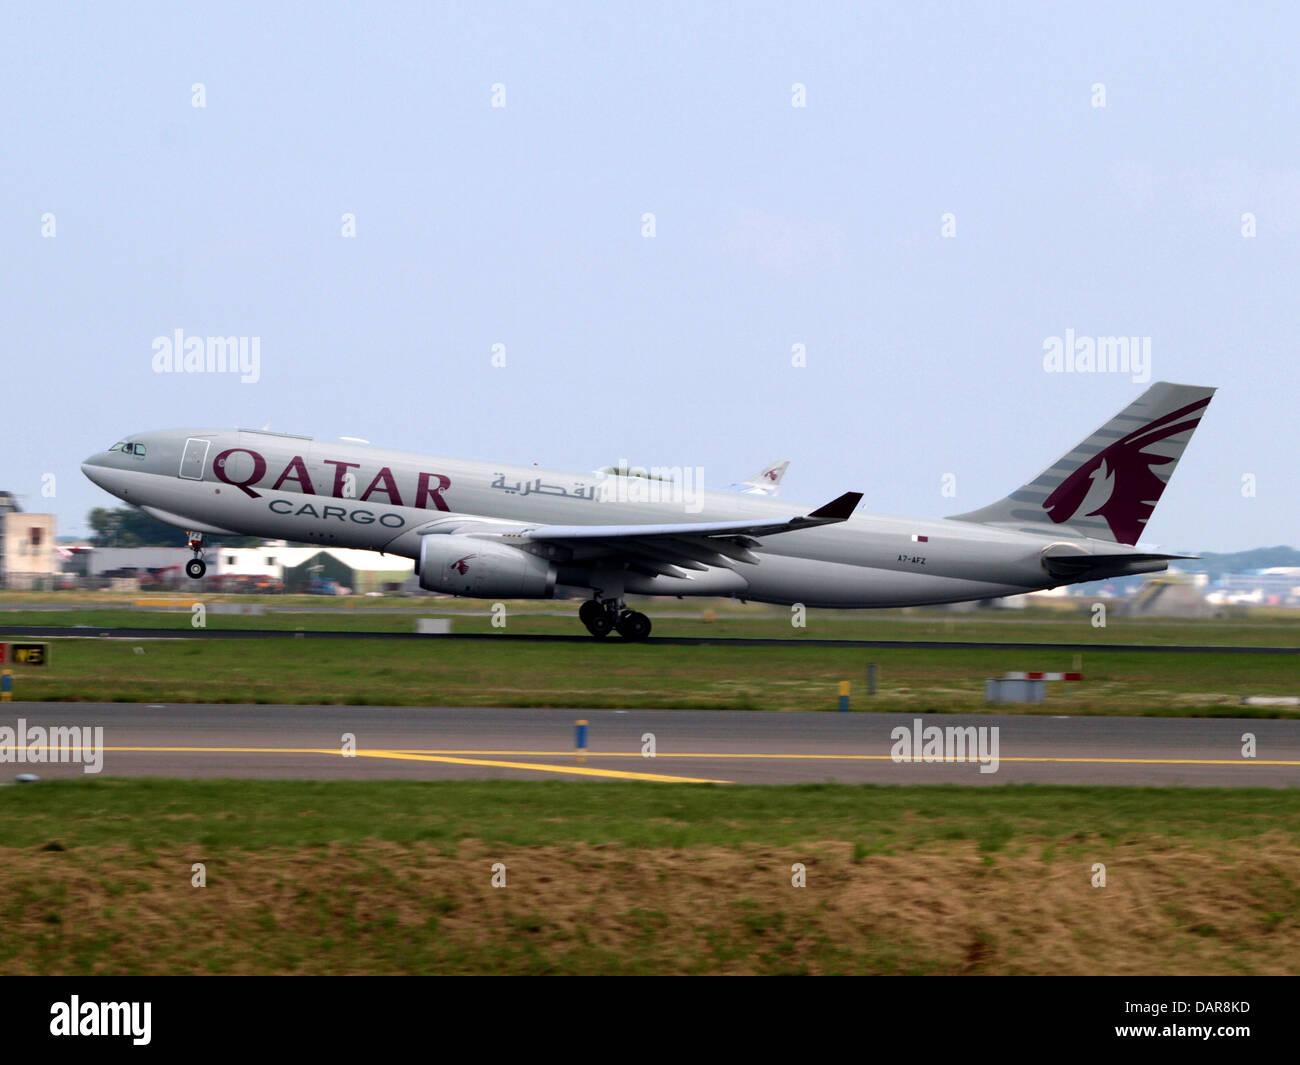 A7-AFZ Qatar Airways Cargo Airbus A330-243F - cn 1406 3